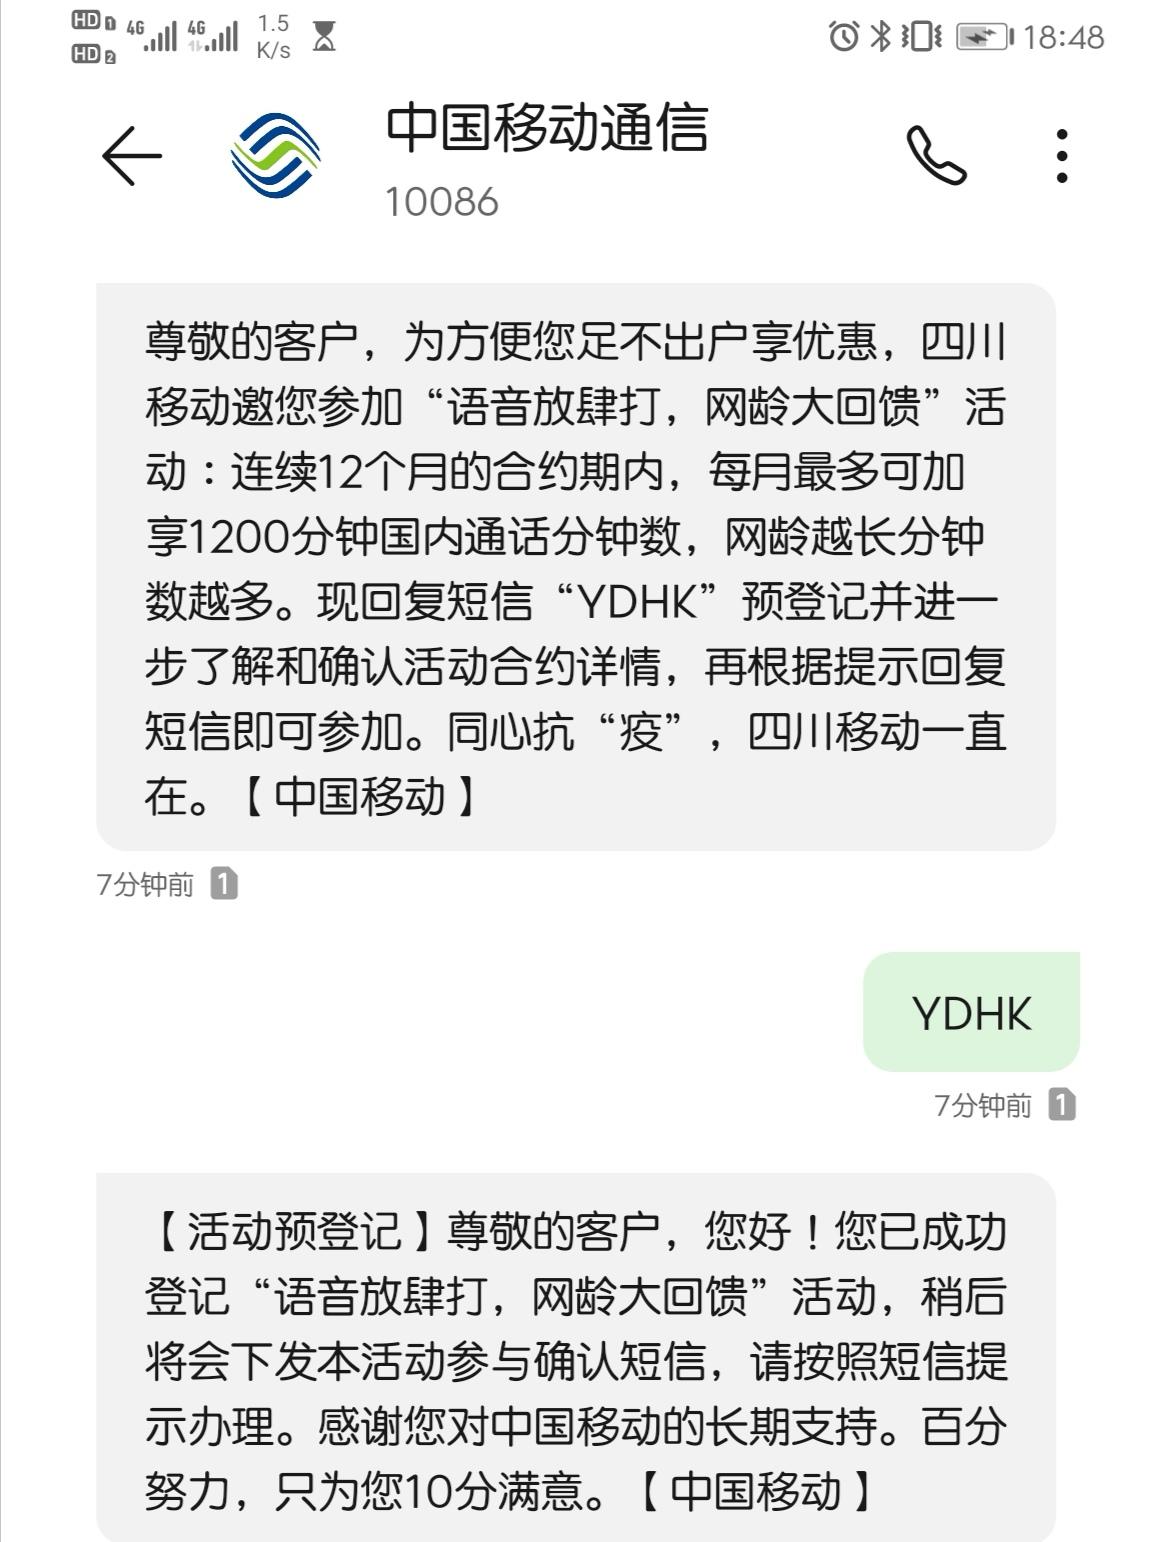 """四川移动用户发送YDHK参加""""语音放肆打,网龄大回馈""""活动,每月赠送最高1200分钟语音分钟数"""